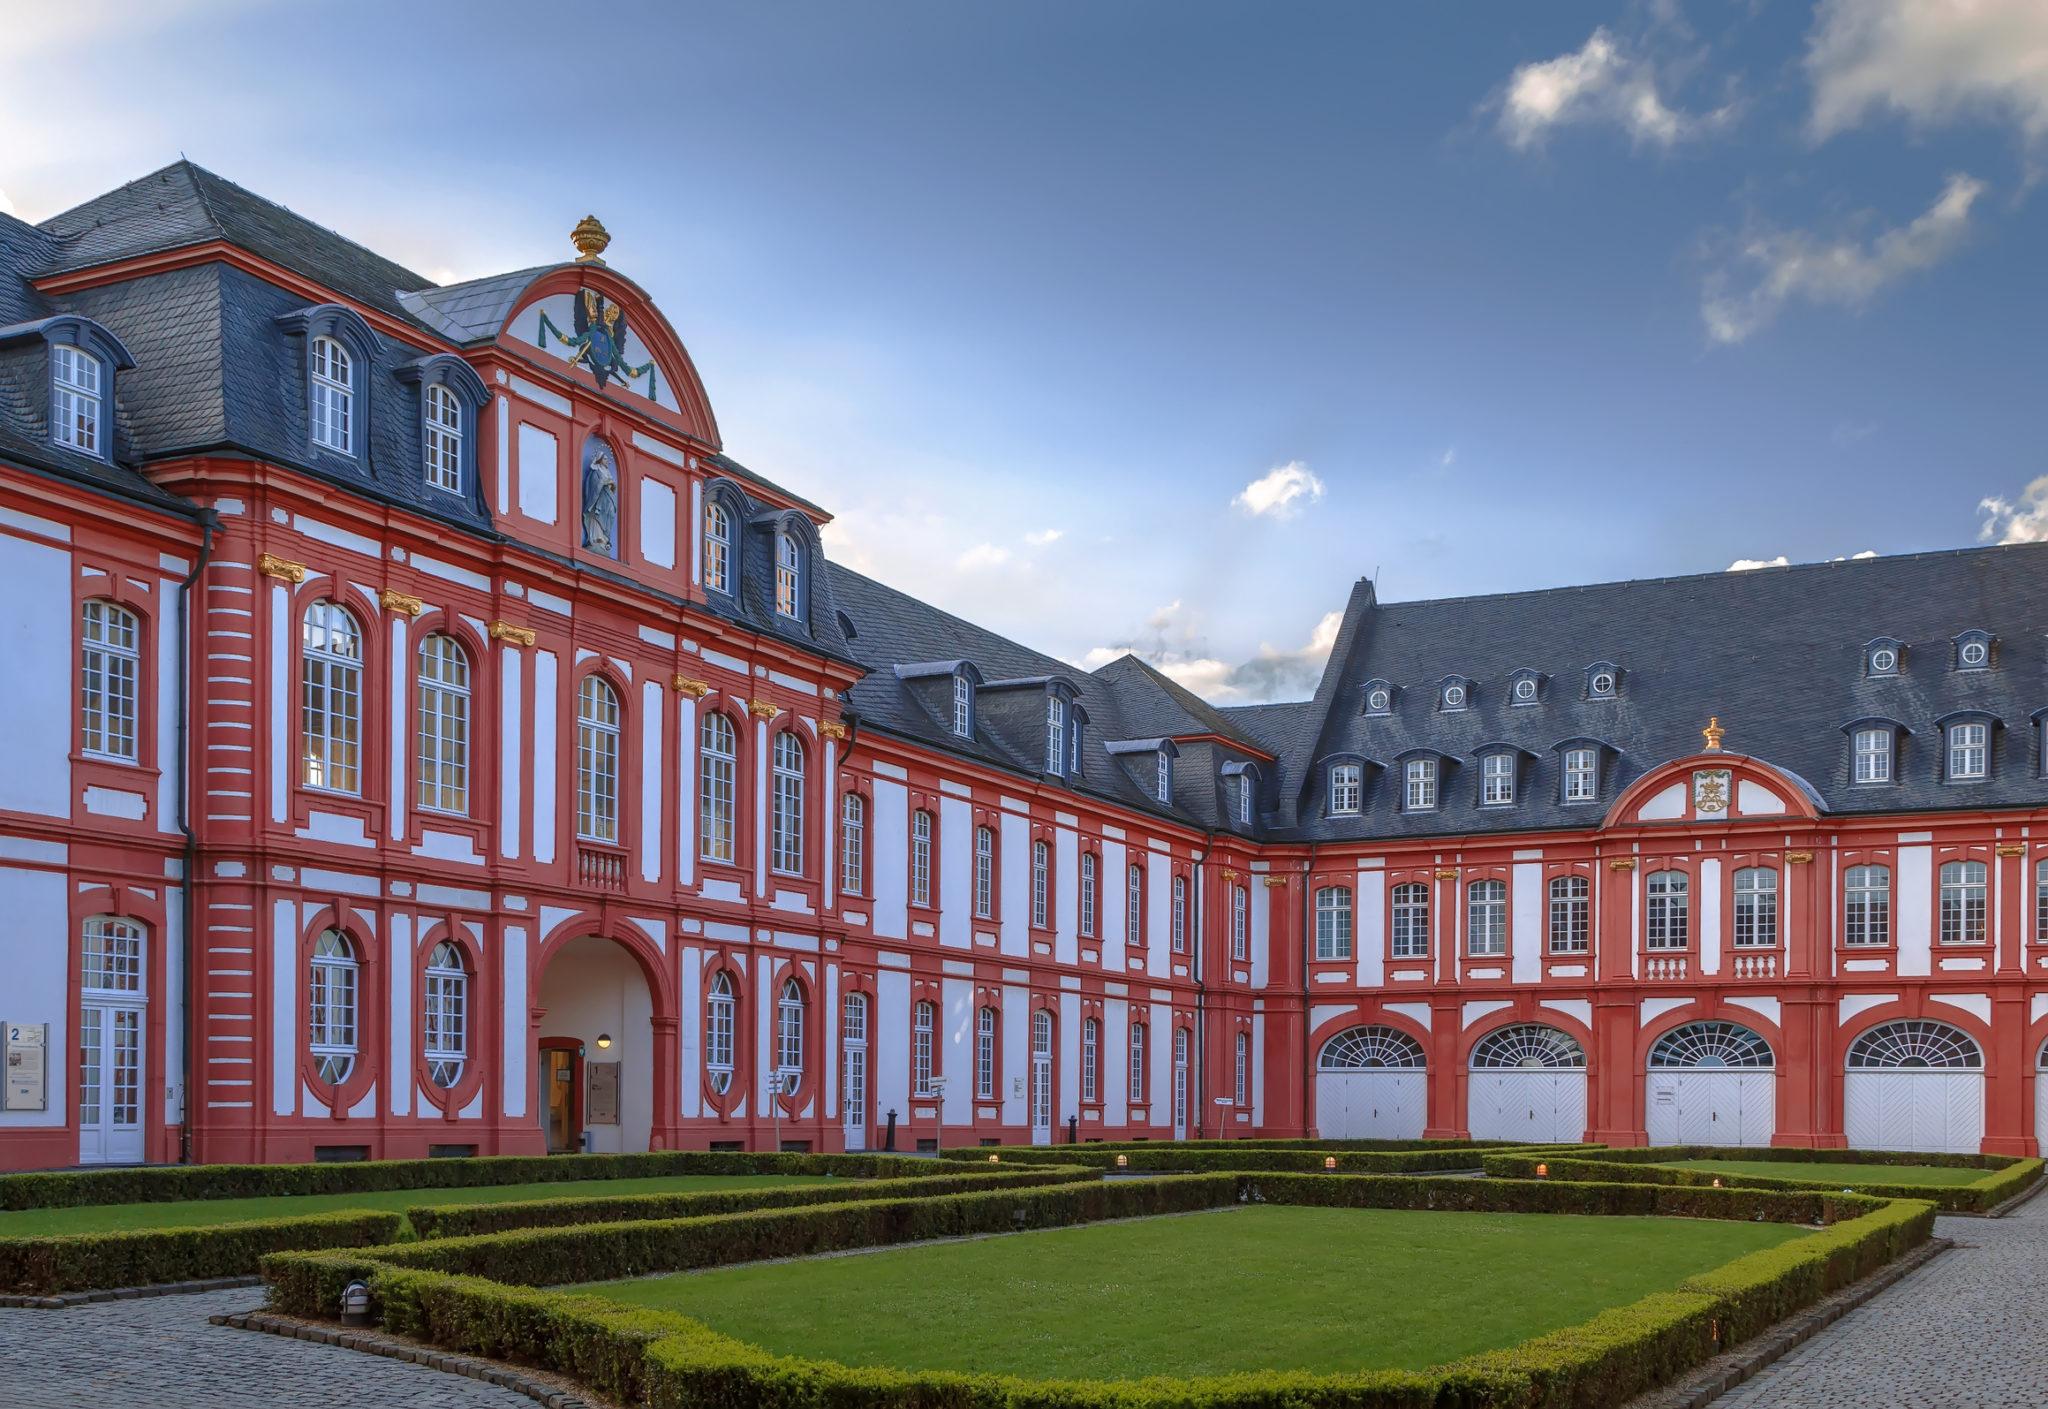 Haushaltsauflösung und Entrümpelung in Köln Lövenich